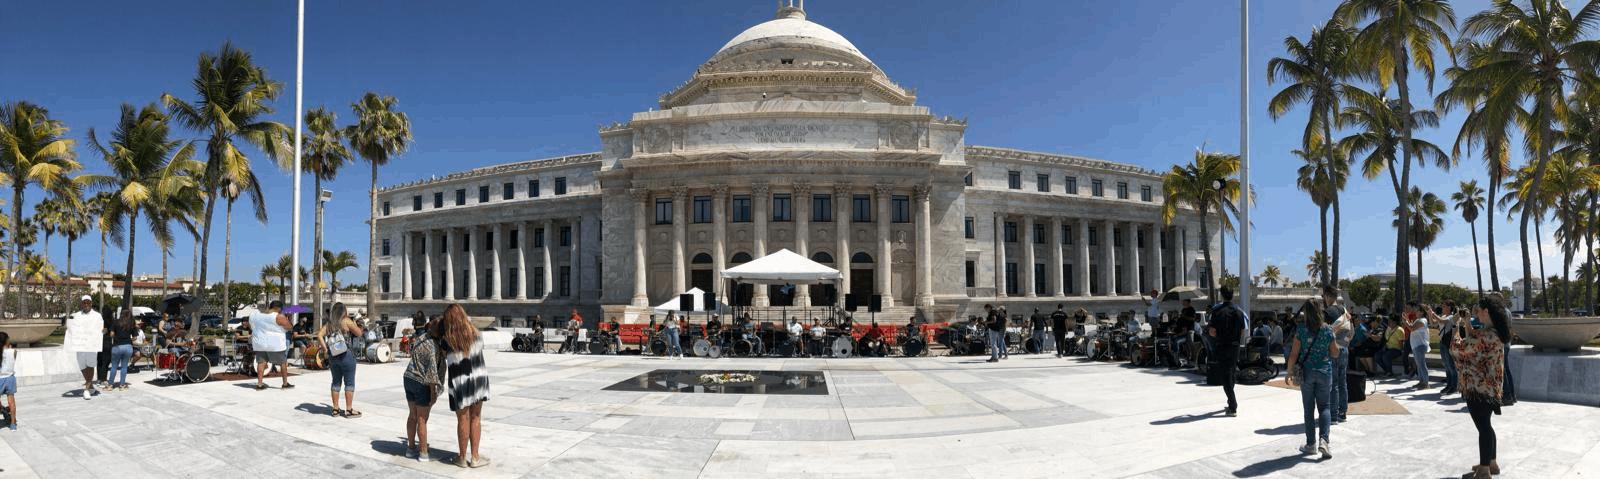 Más de 50 bateristas se reúnen frente al Capitolio